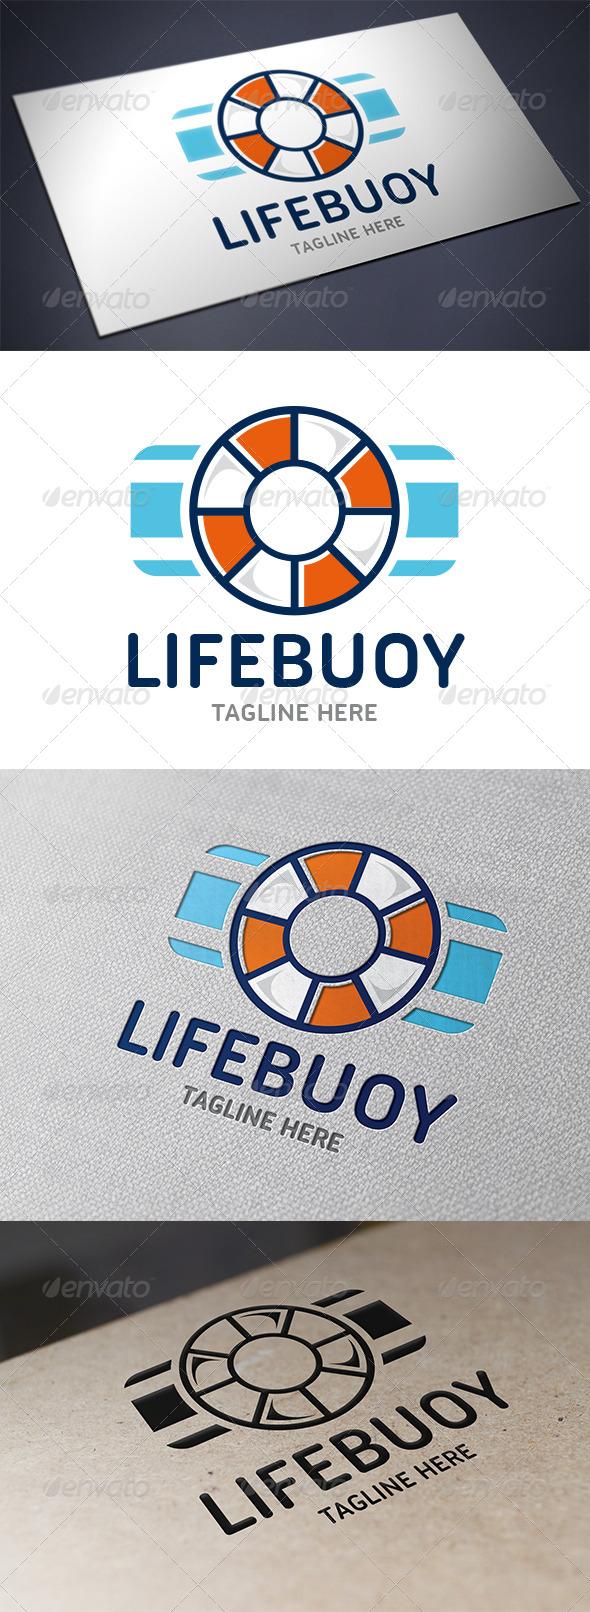 Lifebuoy Logo Template